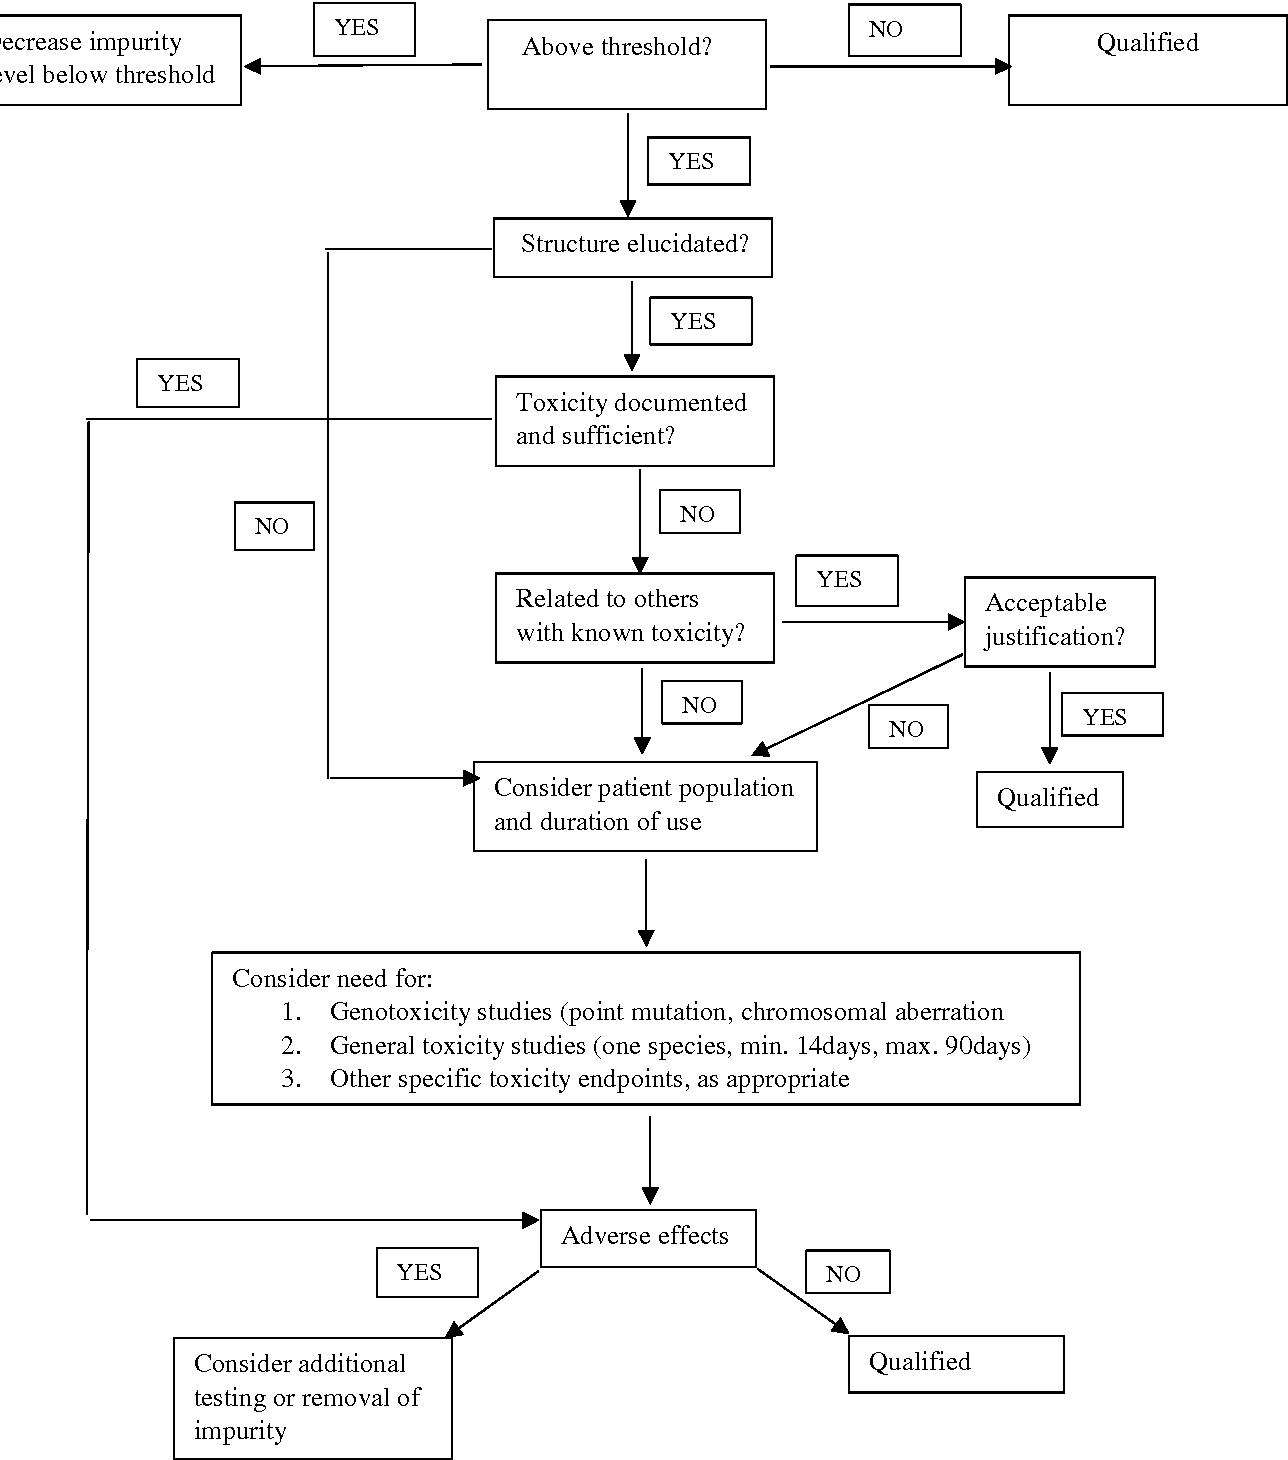 Figure 6 from Genotoxic impurities Evaluation in Active